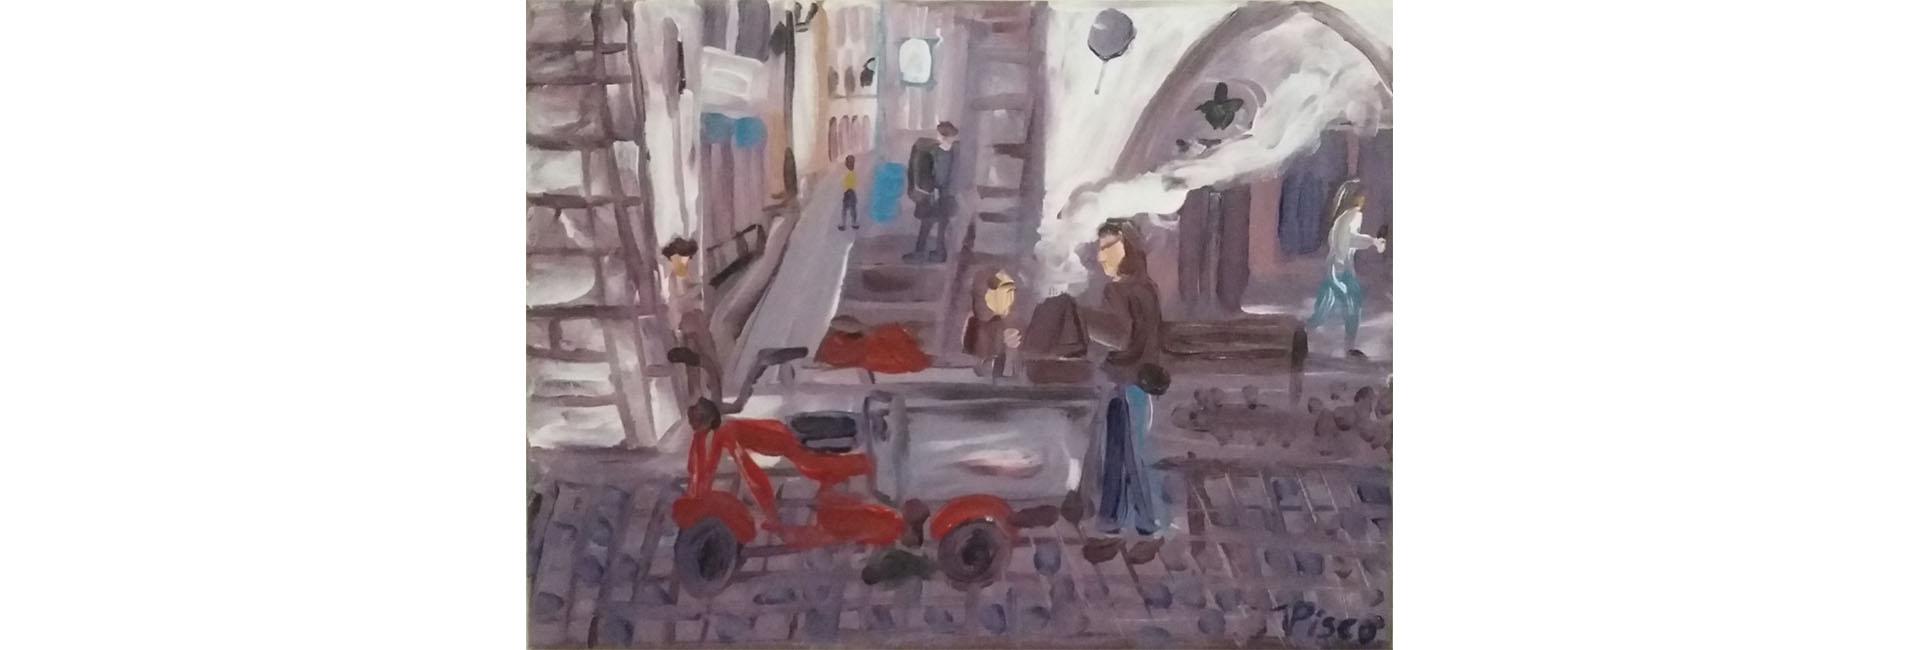 (Português) MEMÕRIAS E REFLEXÕES | Exposição de pintura de Vitor Pisco